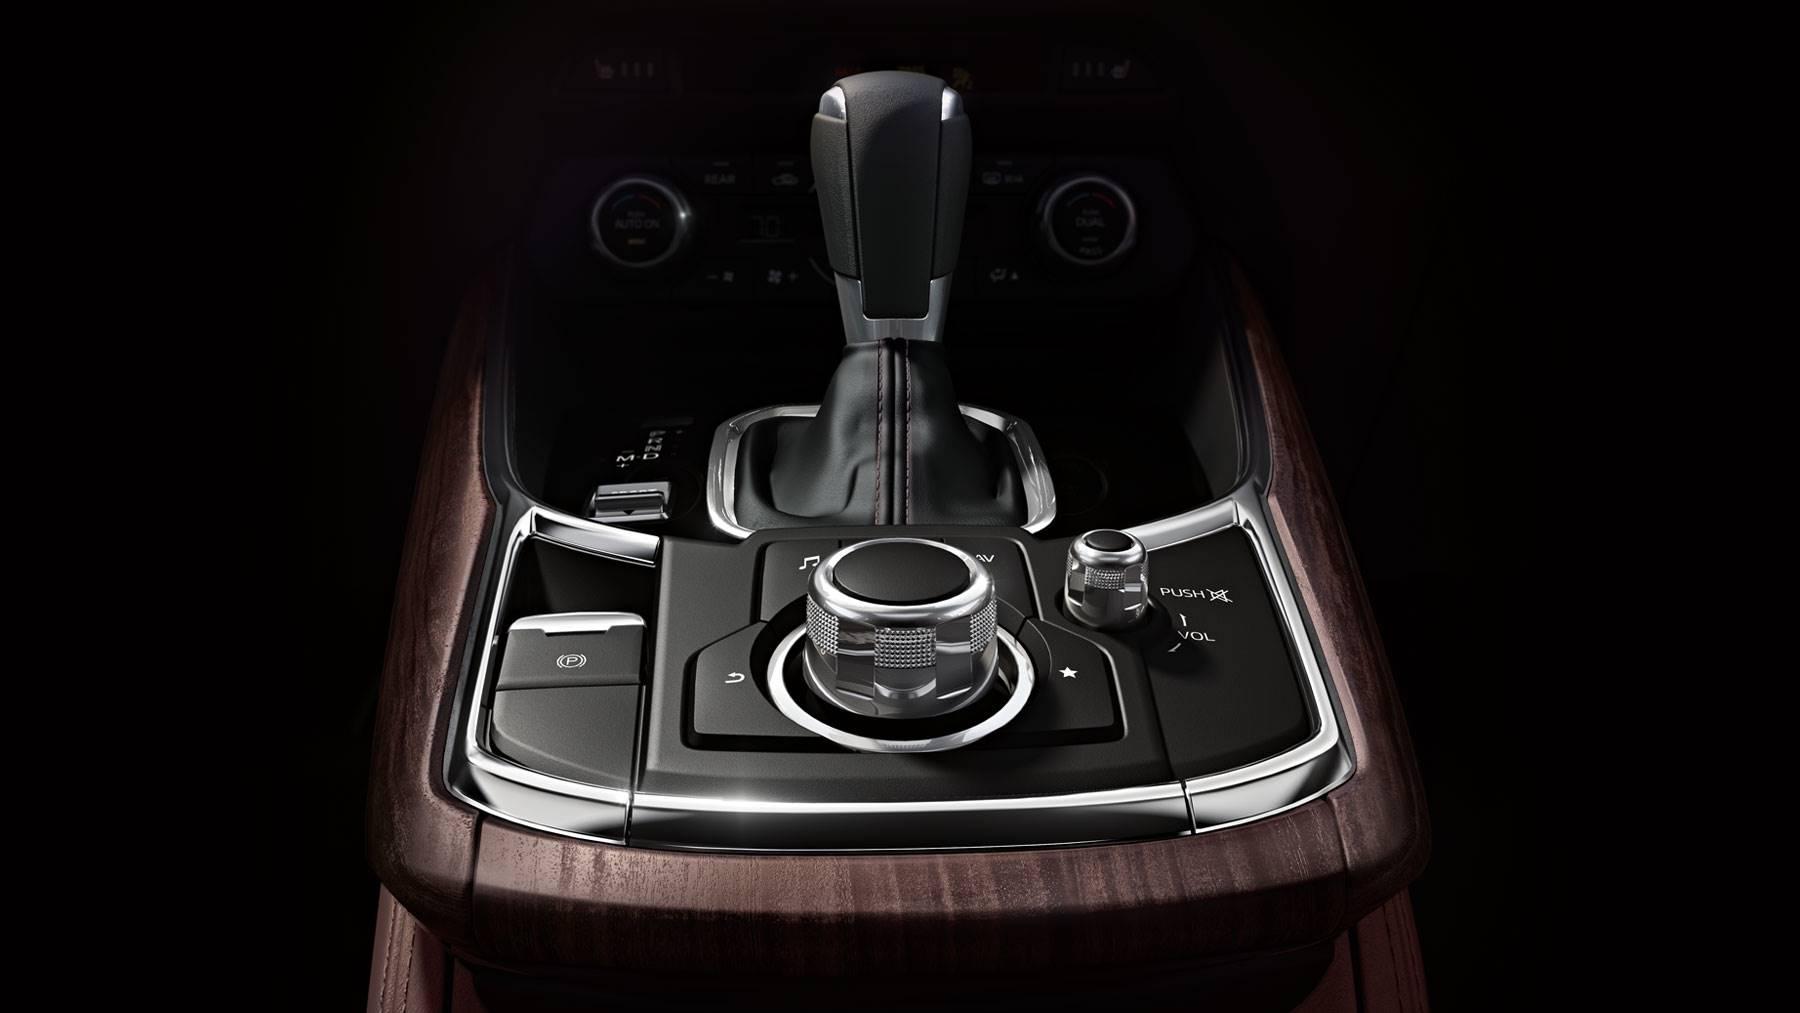 Interior of the 2018 Mazda CX-9